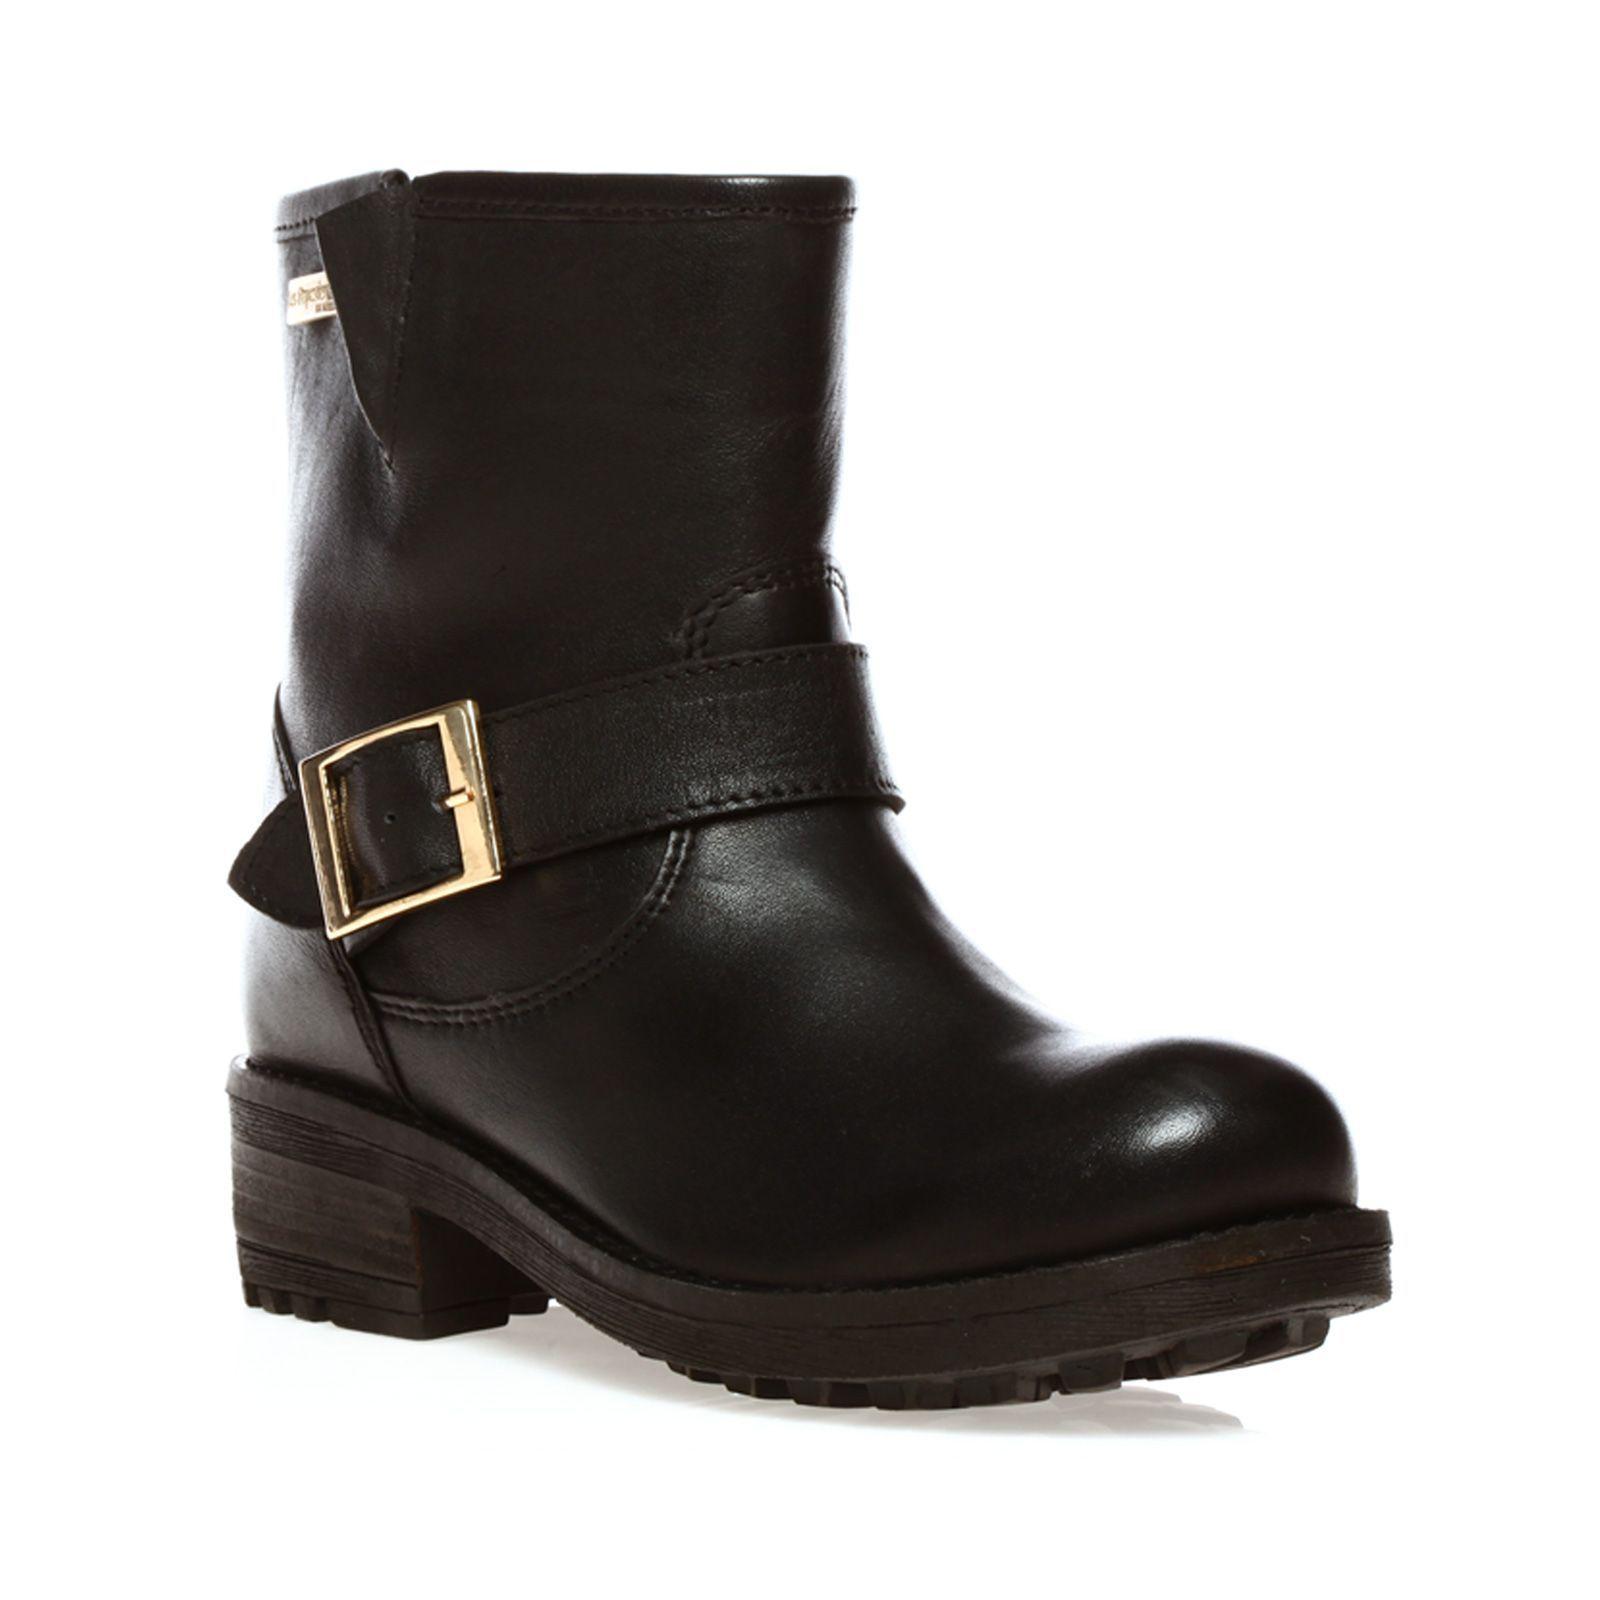 72e8cef04783 Boots Cristal en cuir noir - Les Tropéziennes par M Belarbi - Nouvelle  Collection et ventes